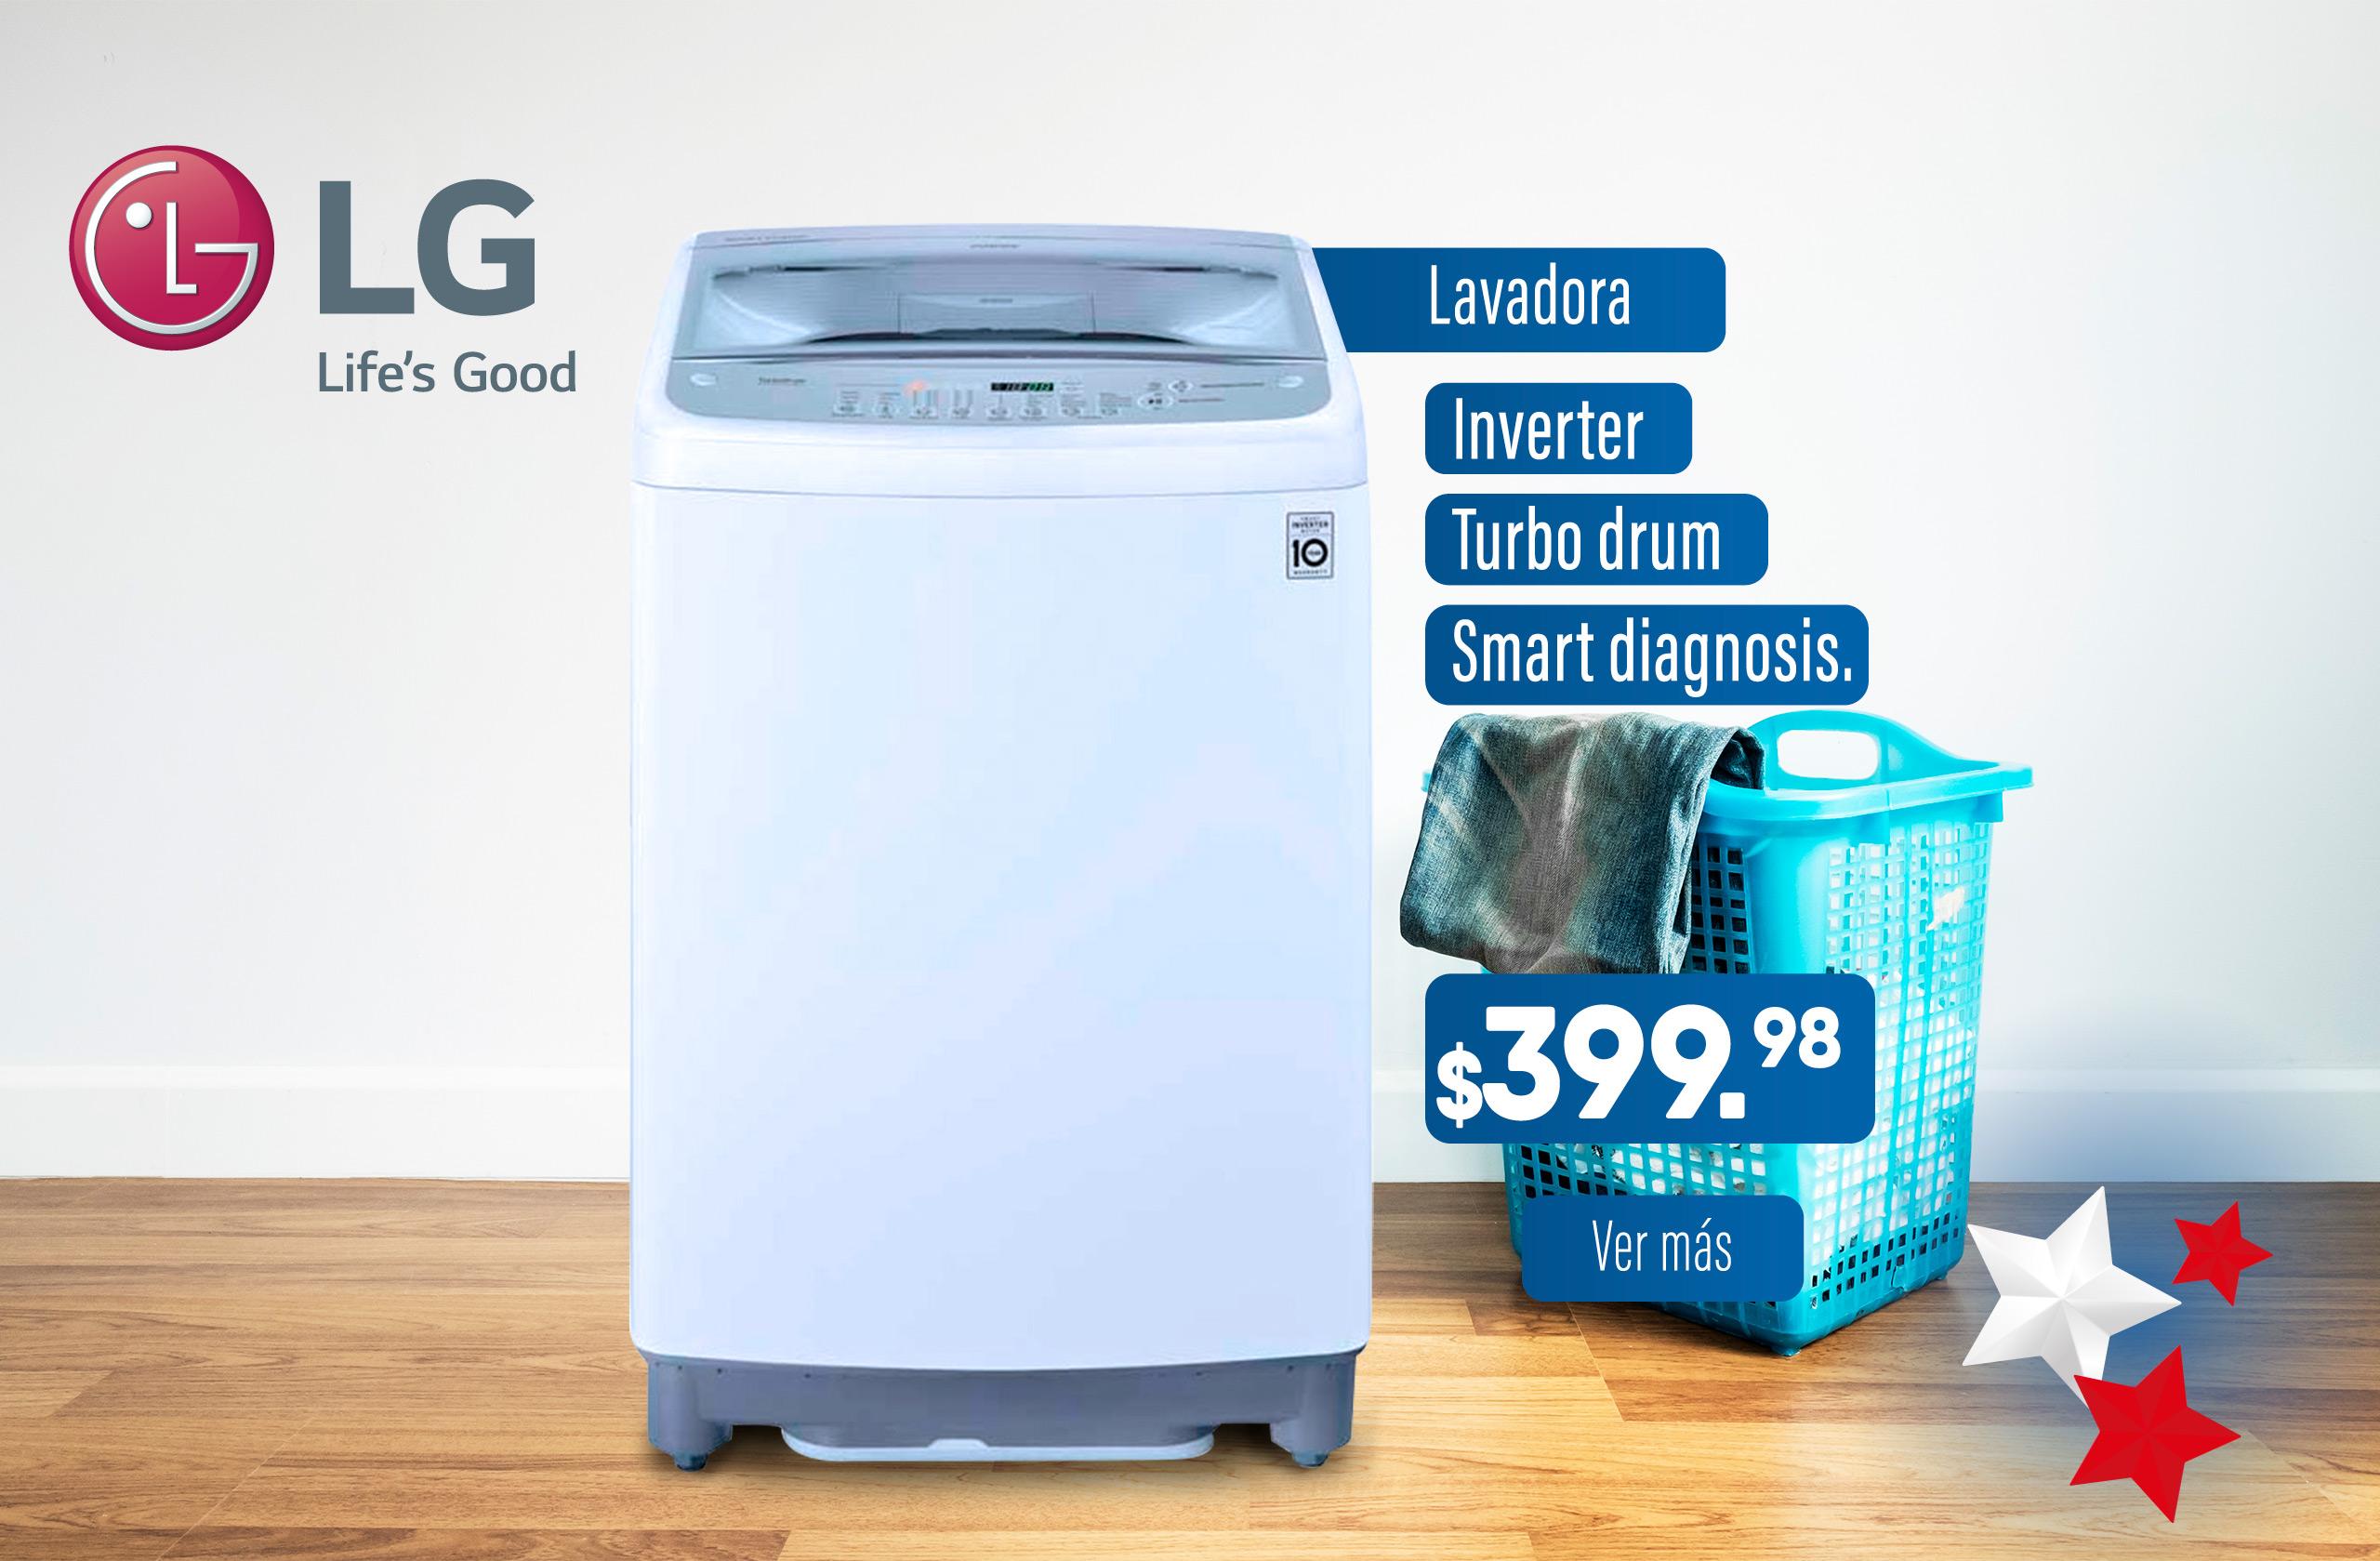 Región2-lavadora lg contenixo indexado